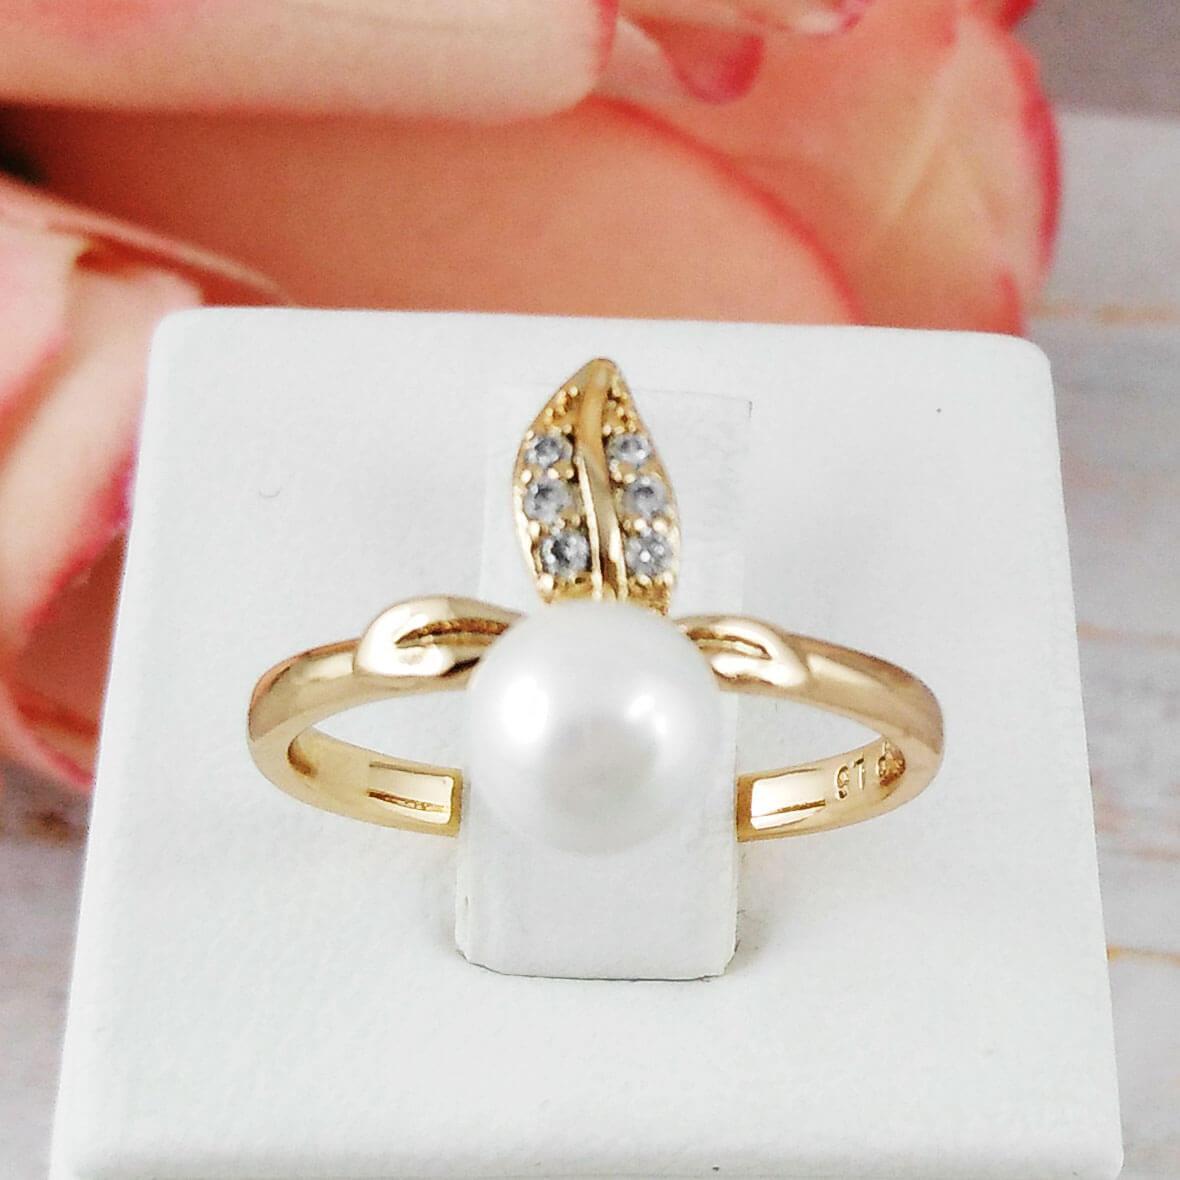 Кольцо Xuping Jewelry размер 18,5 Вики медицинское золото позолота 18К А/В 2-0182